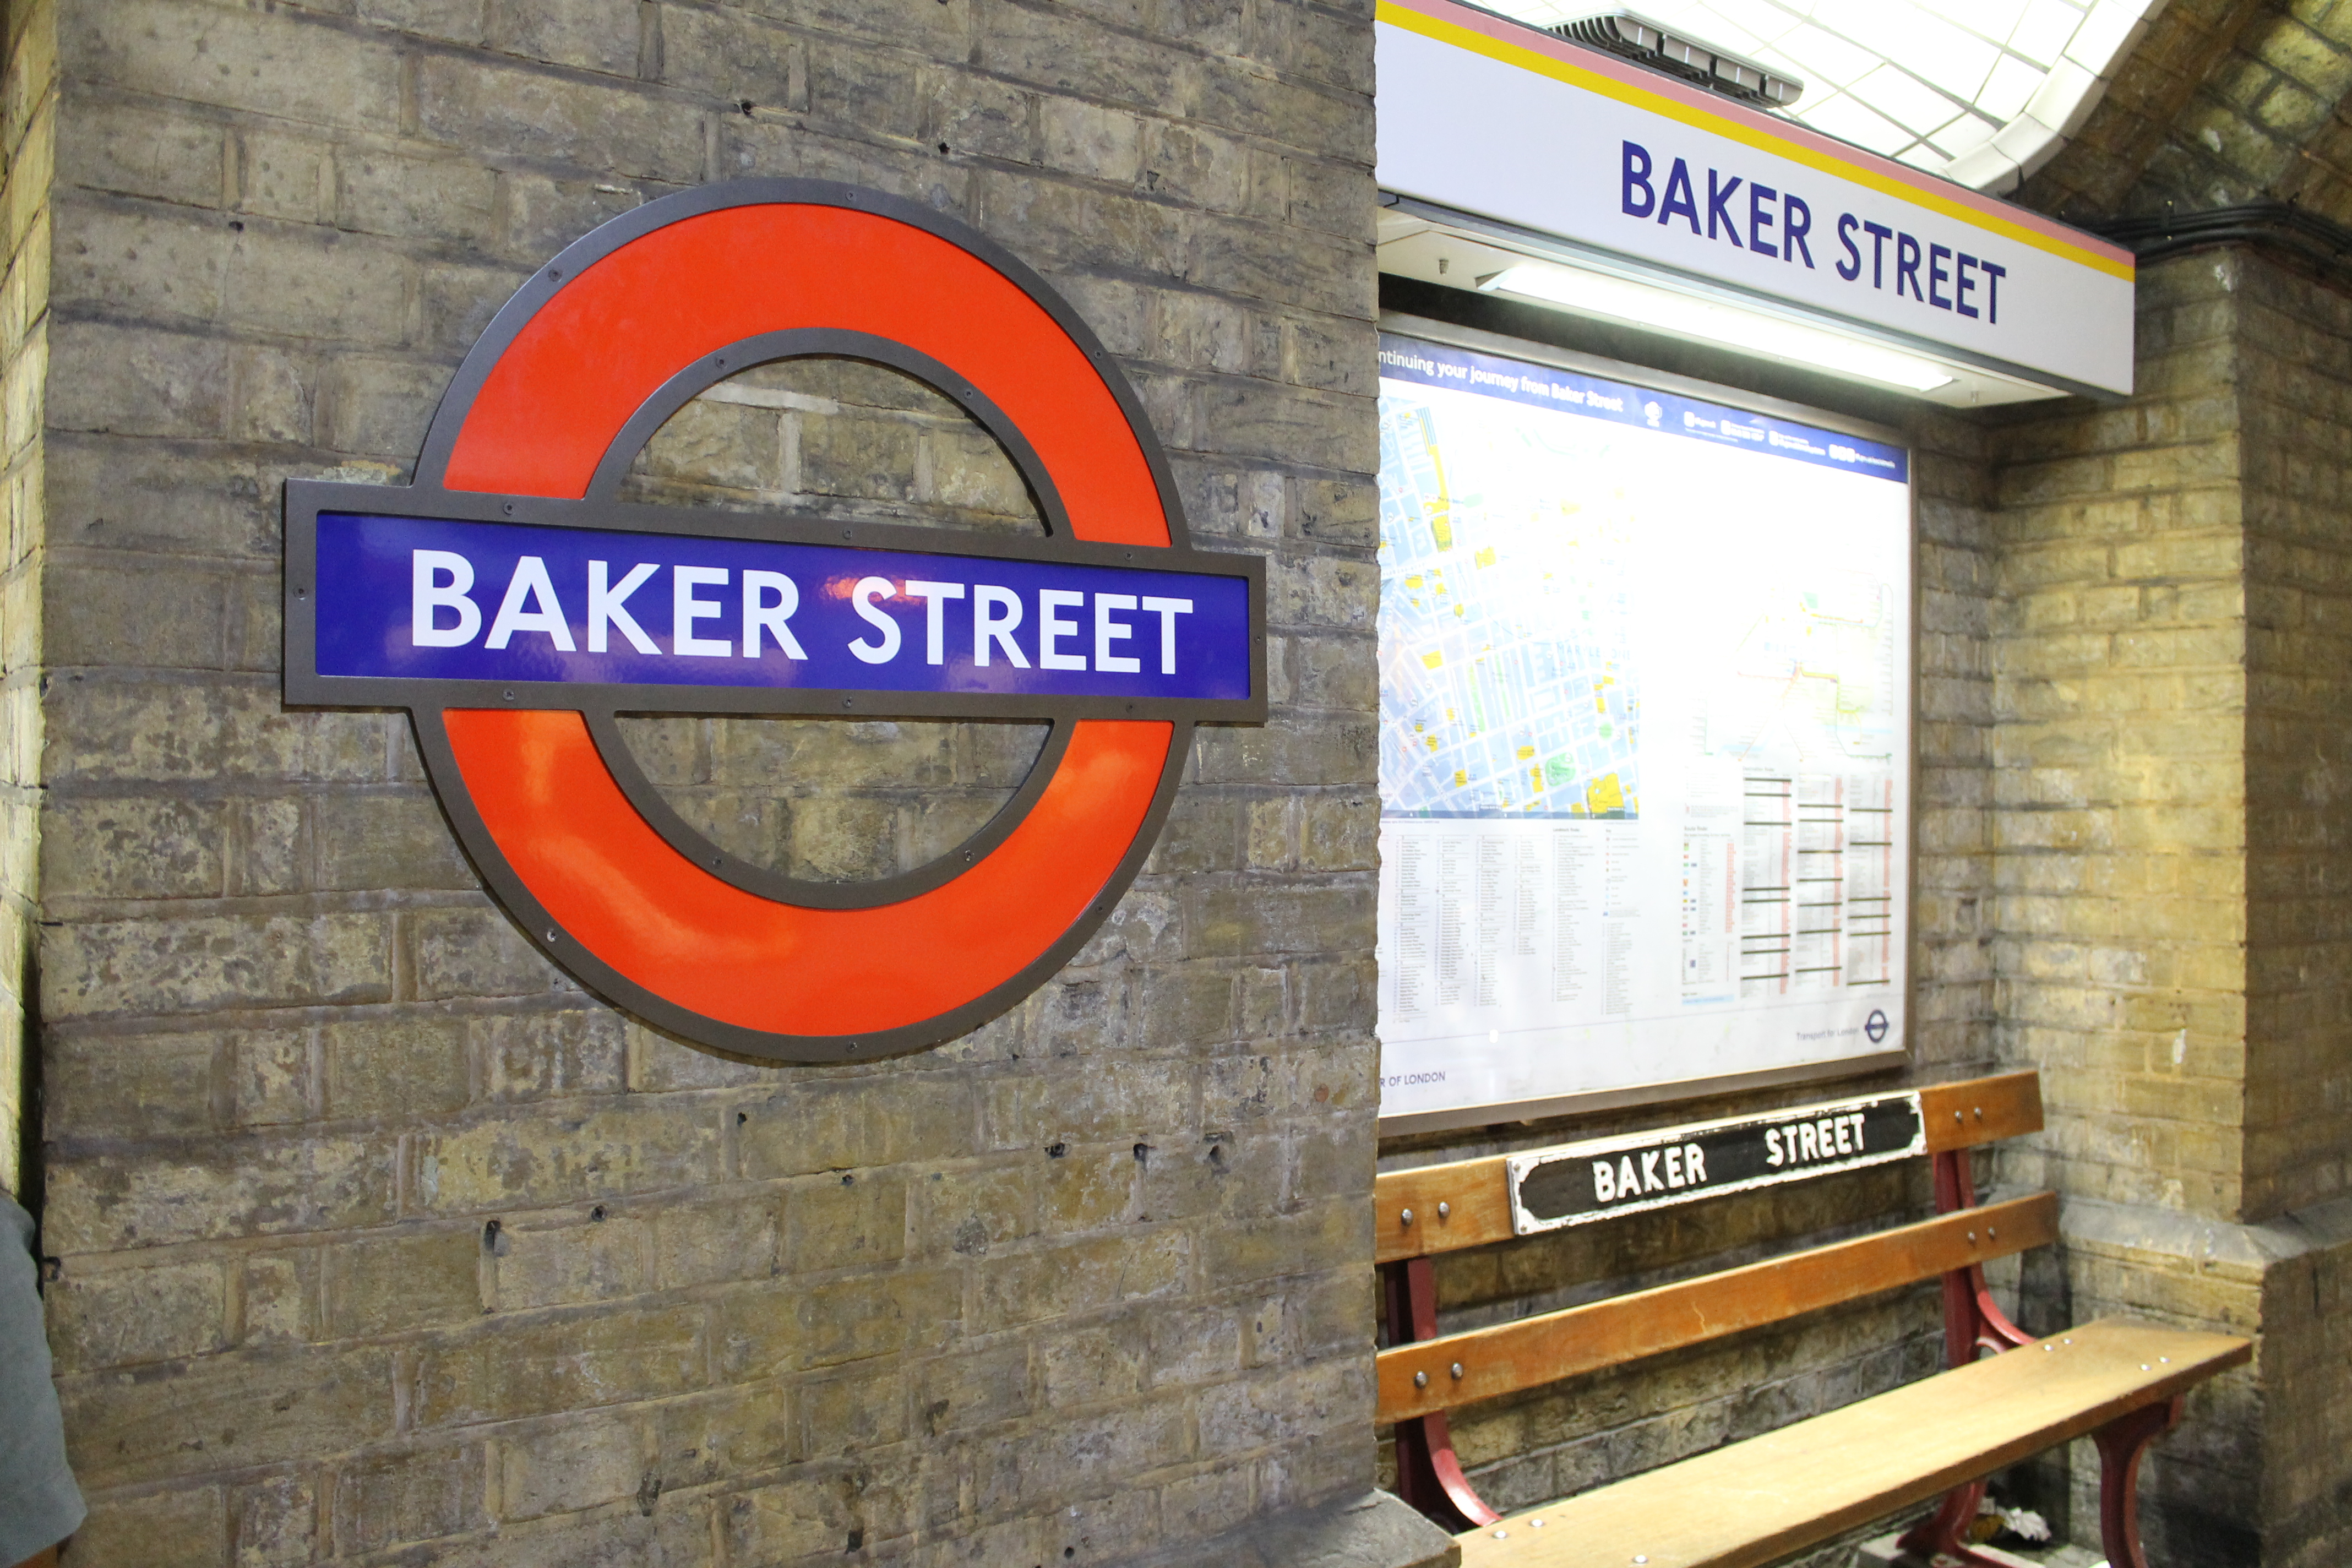 File:Baker Street Train Station JPG - Wikimedia Commons